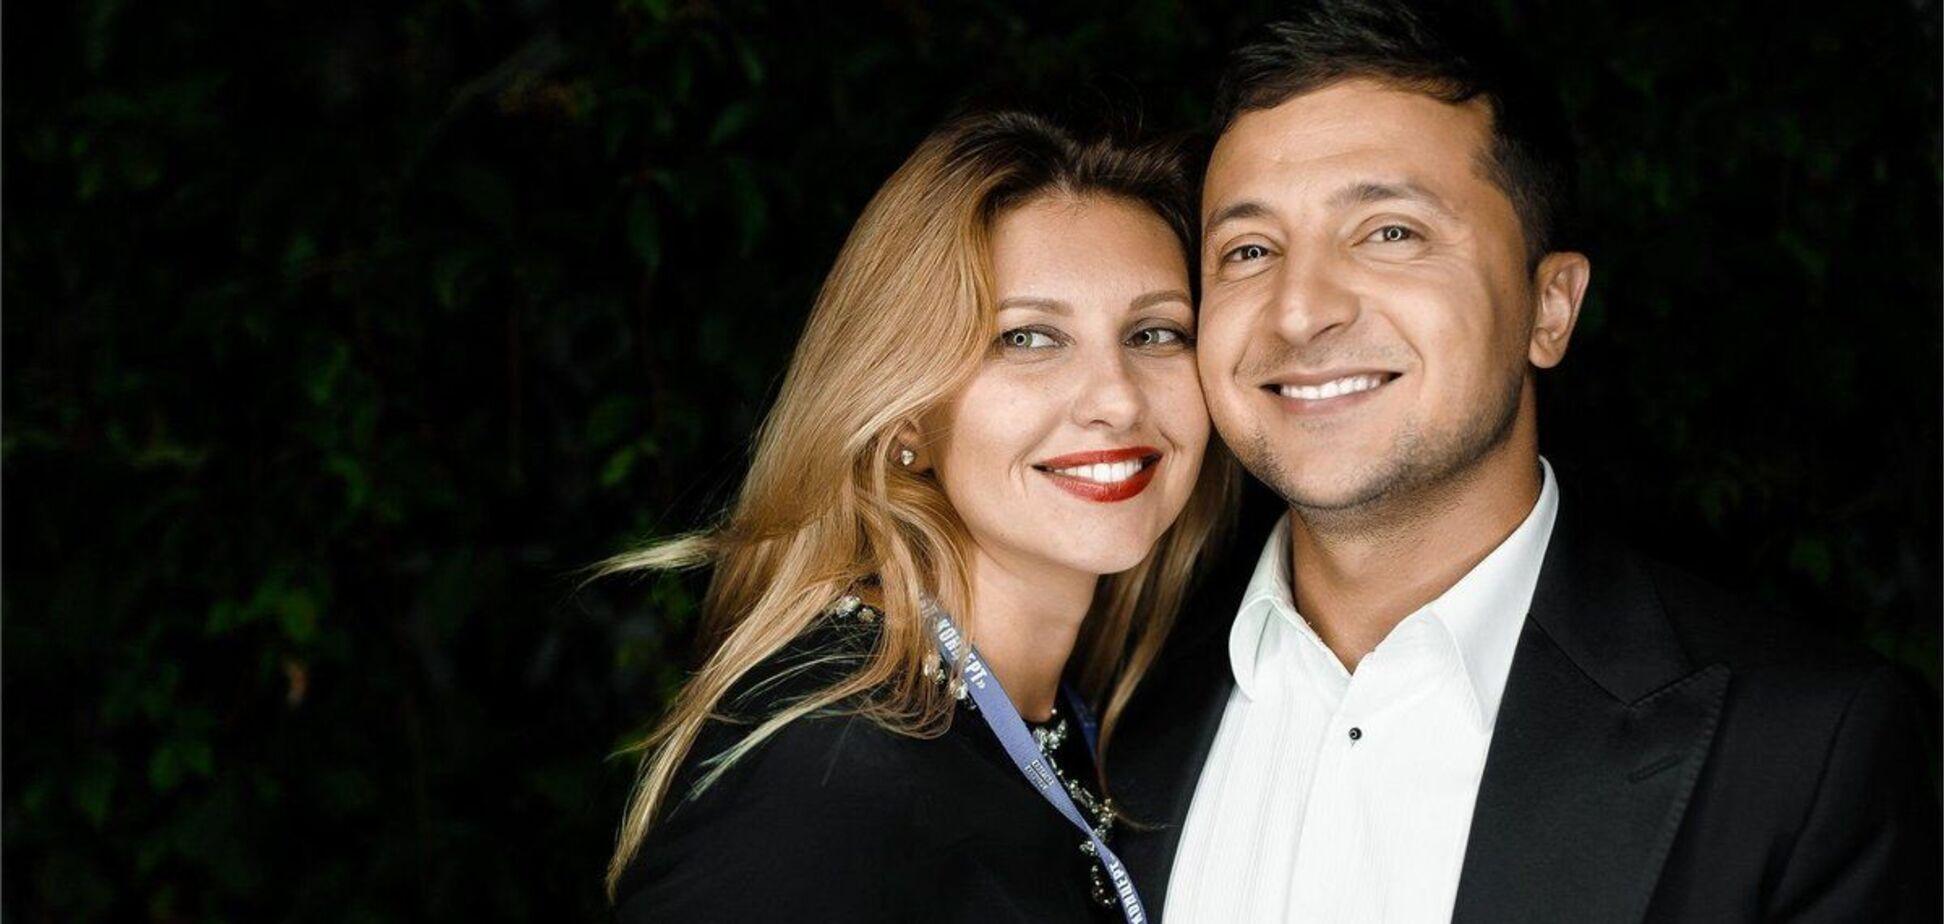 Зеленская трогательно поздравила мужа с днем рождения и поделилась фото